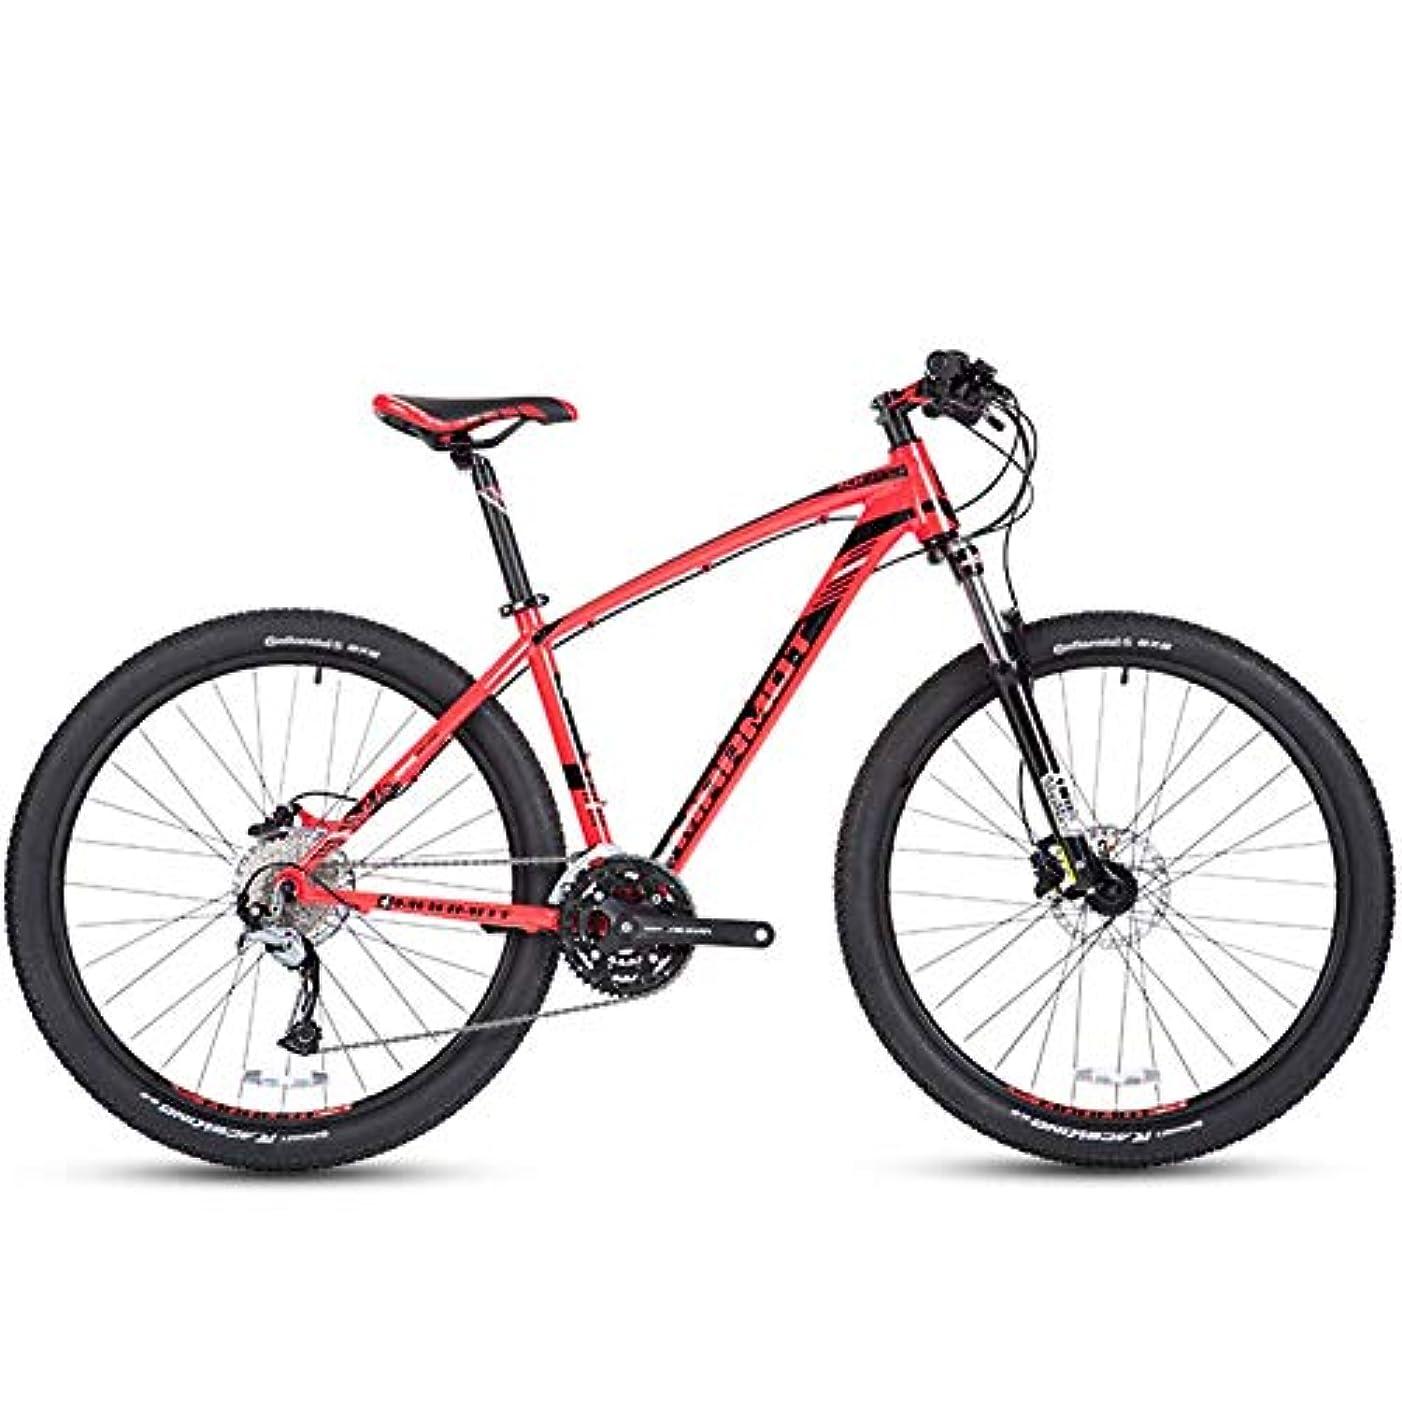 バスケットボール自宅でアプト27スピードマウンテンバイク、男性用アルミ27.5インチハードテールマウンテンバイク、デュアルディスクブレーキ付きオールテレーン自転車、調整可能なシート、レッド